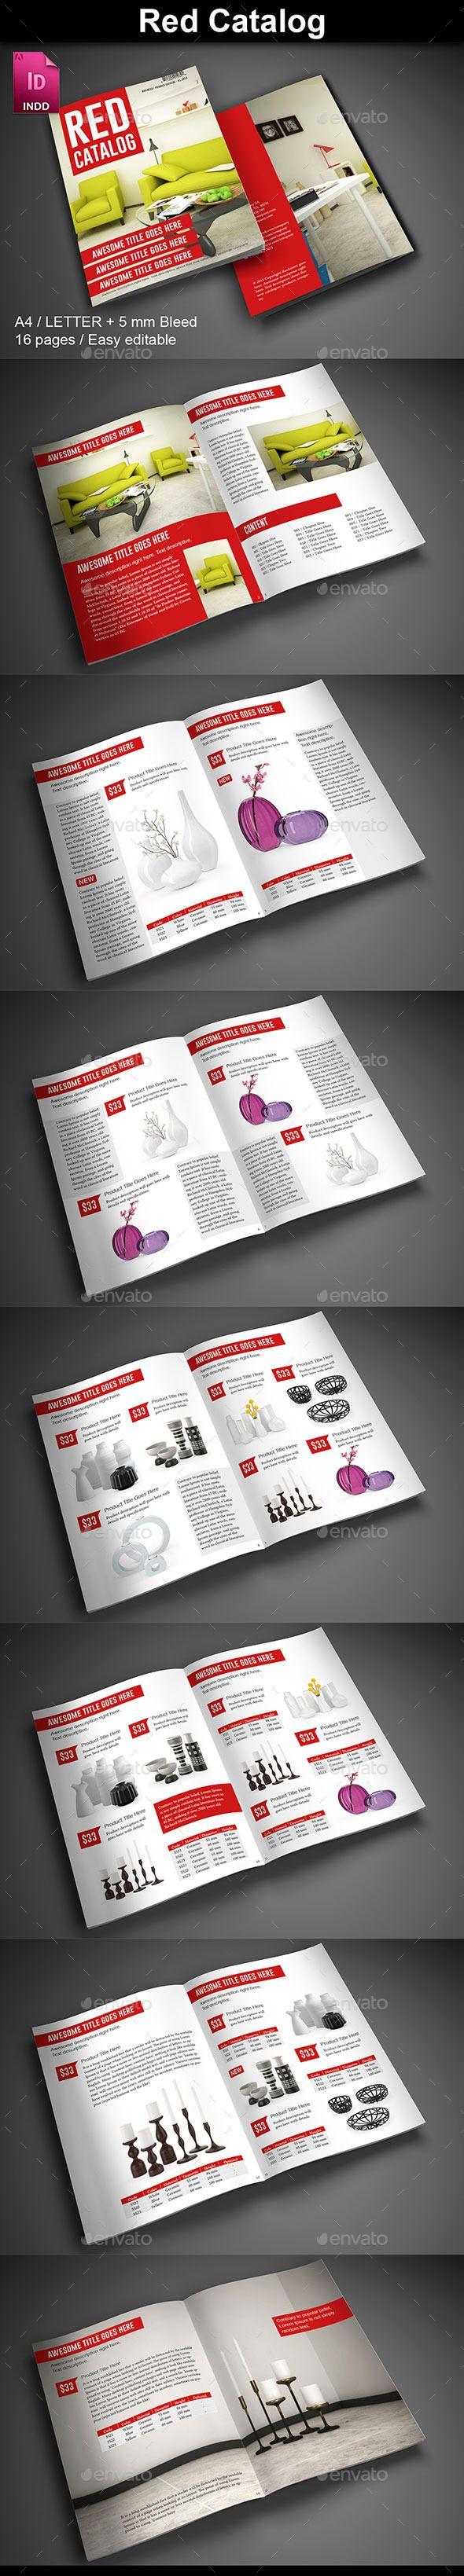 Red Product Catalog   Catálogo